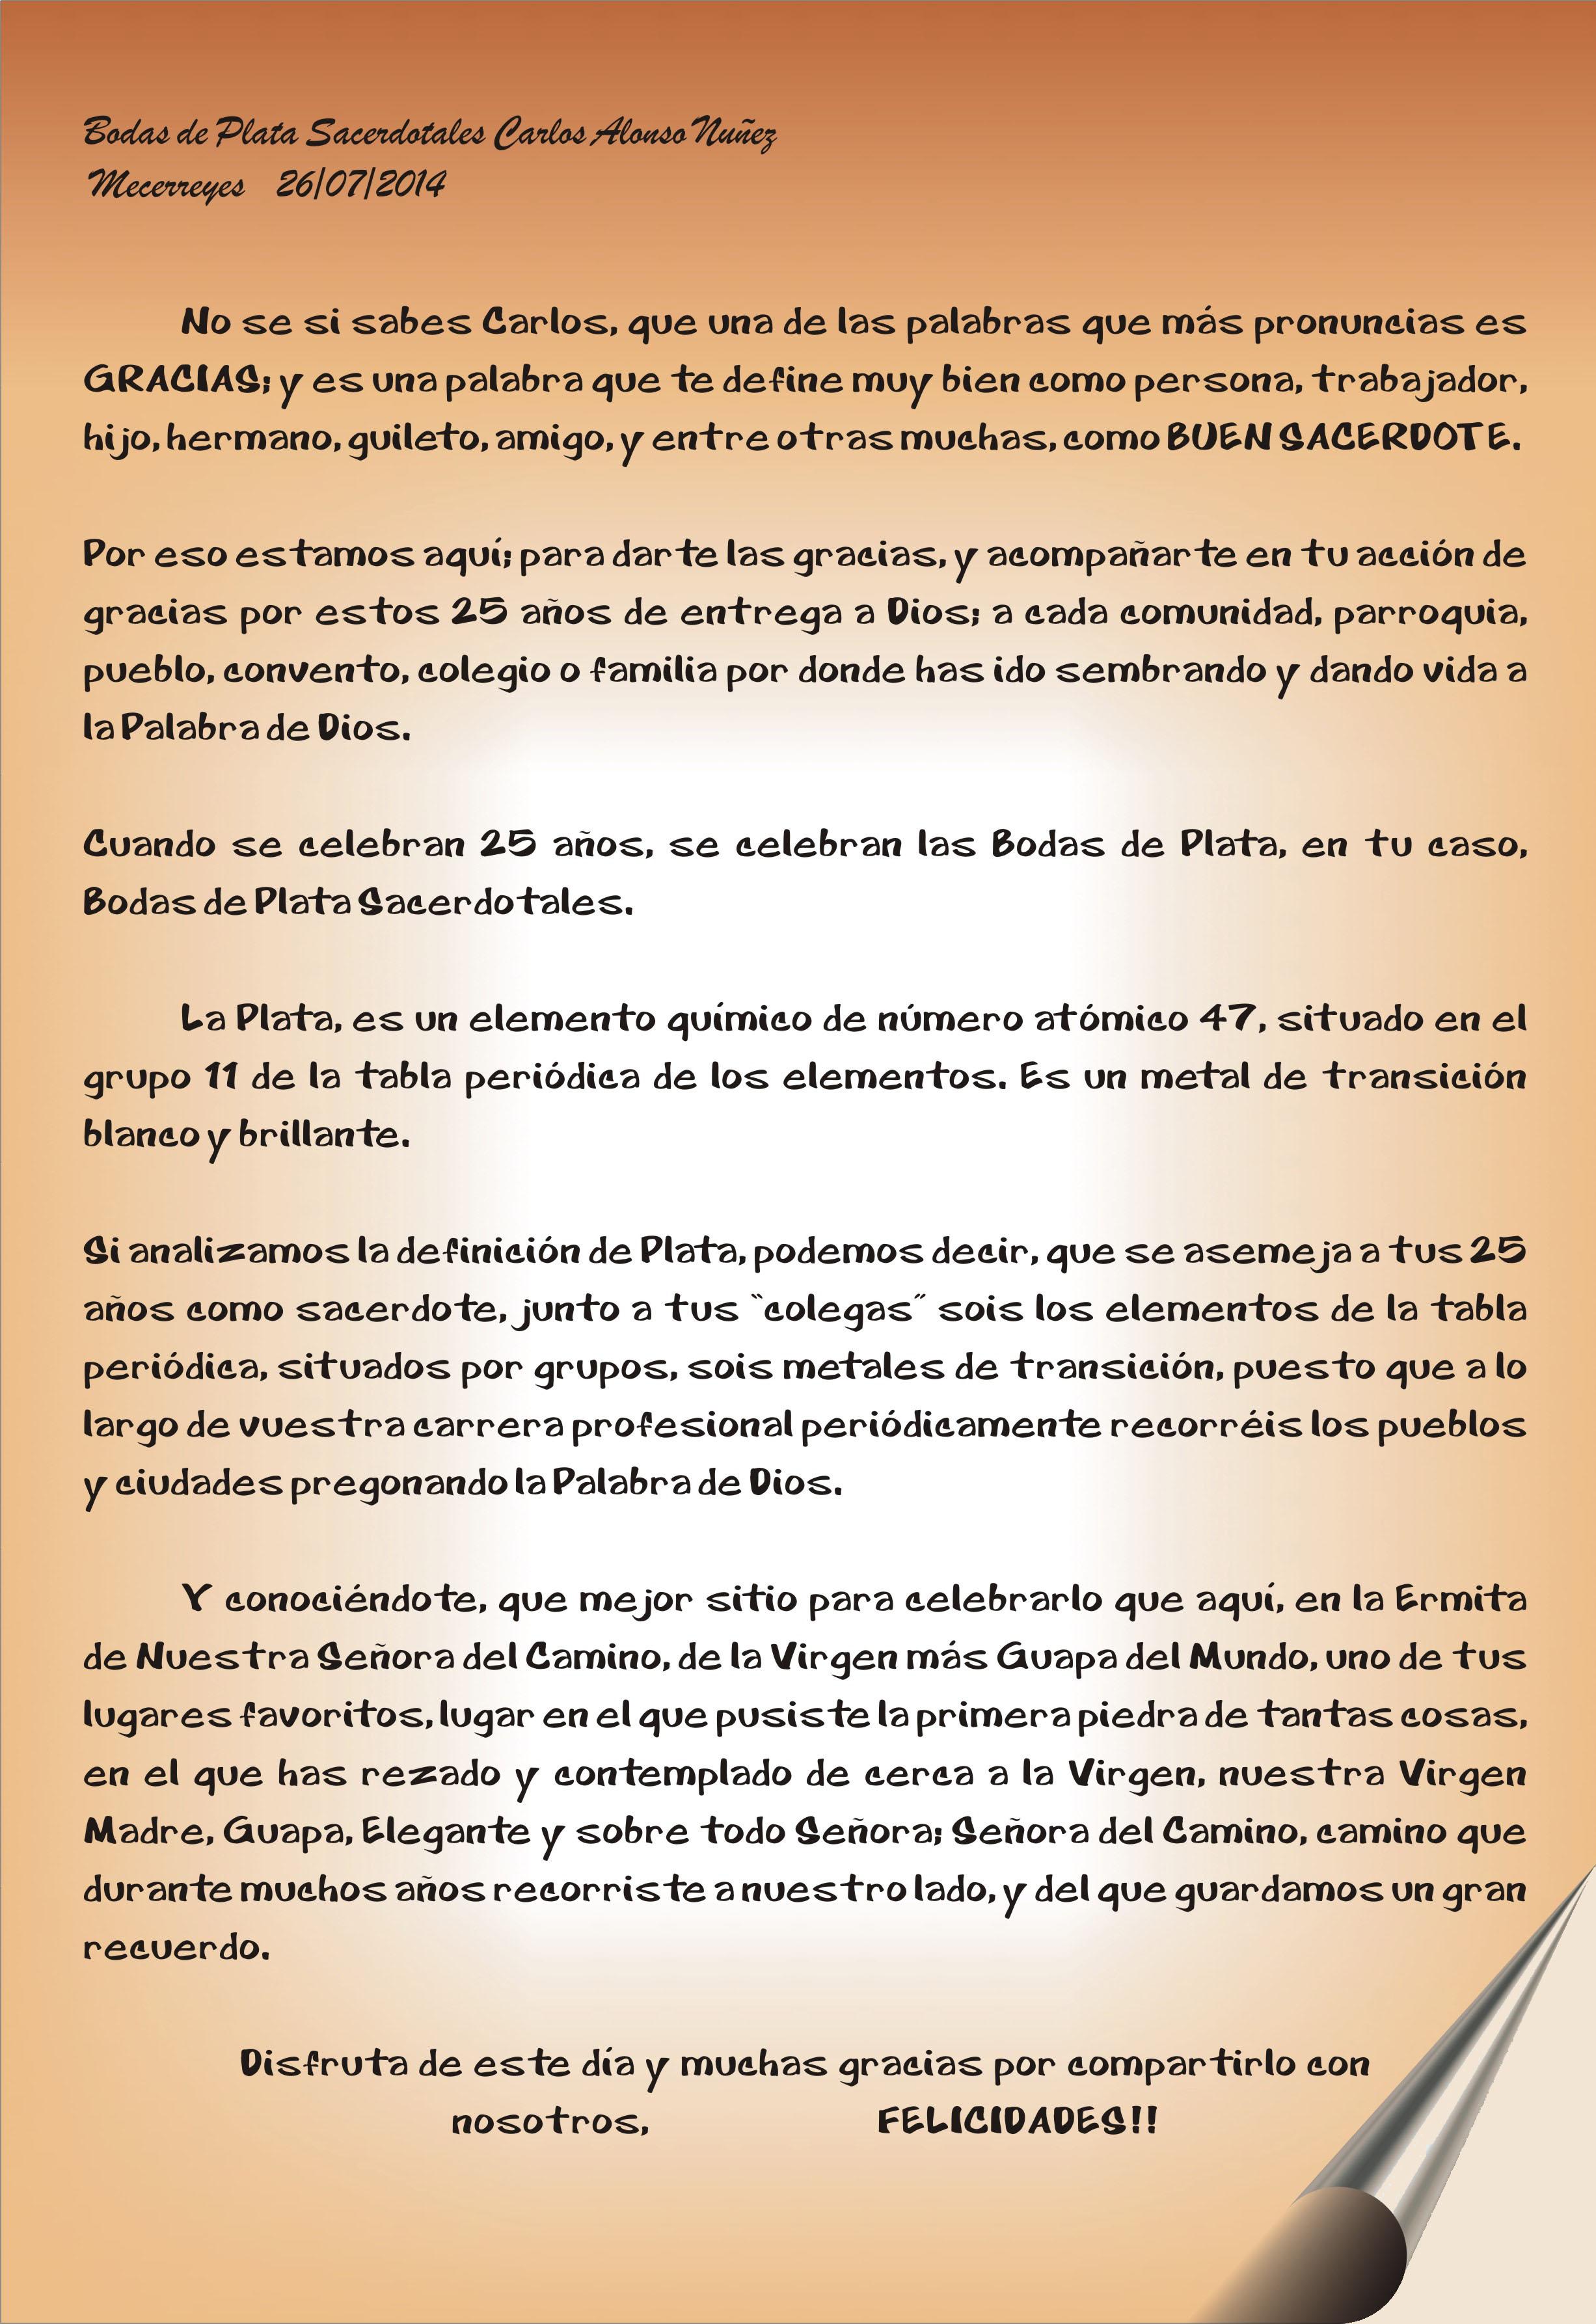 Mecerreyes, Bodas de plata Sacerdotales de Don Carlos 26-07-2014